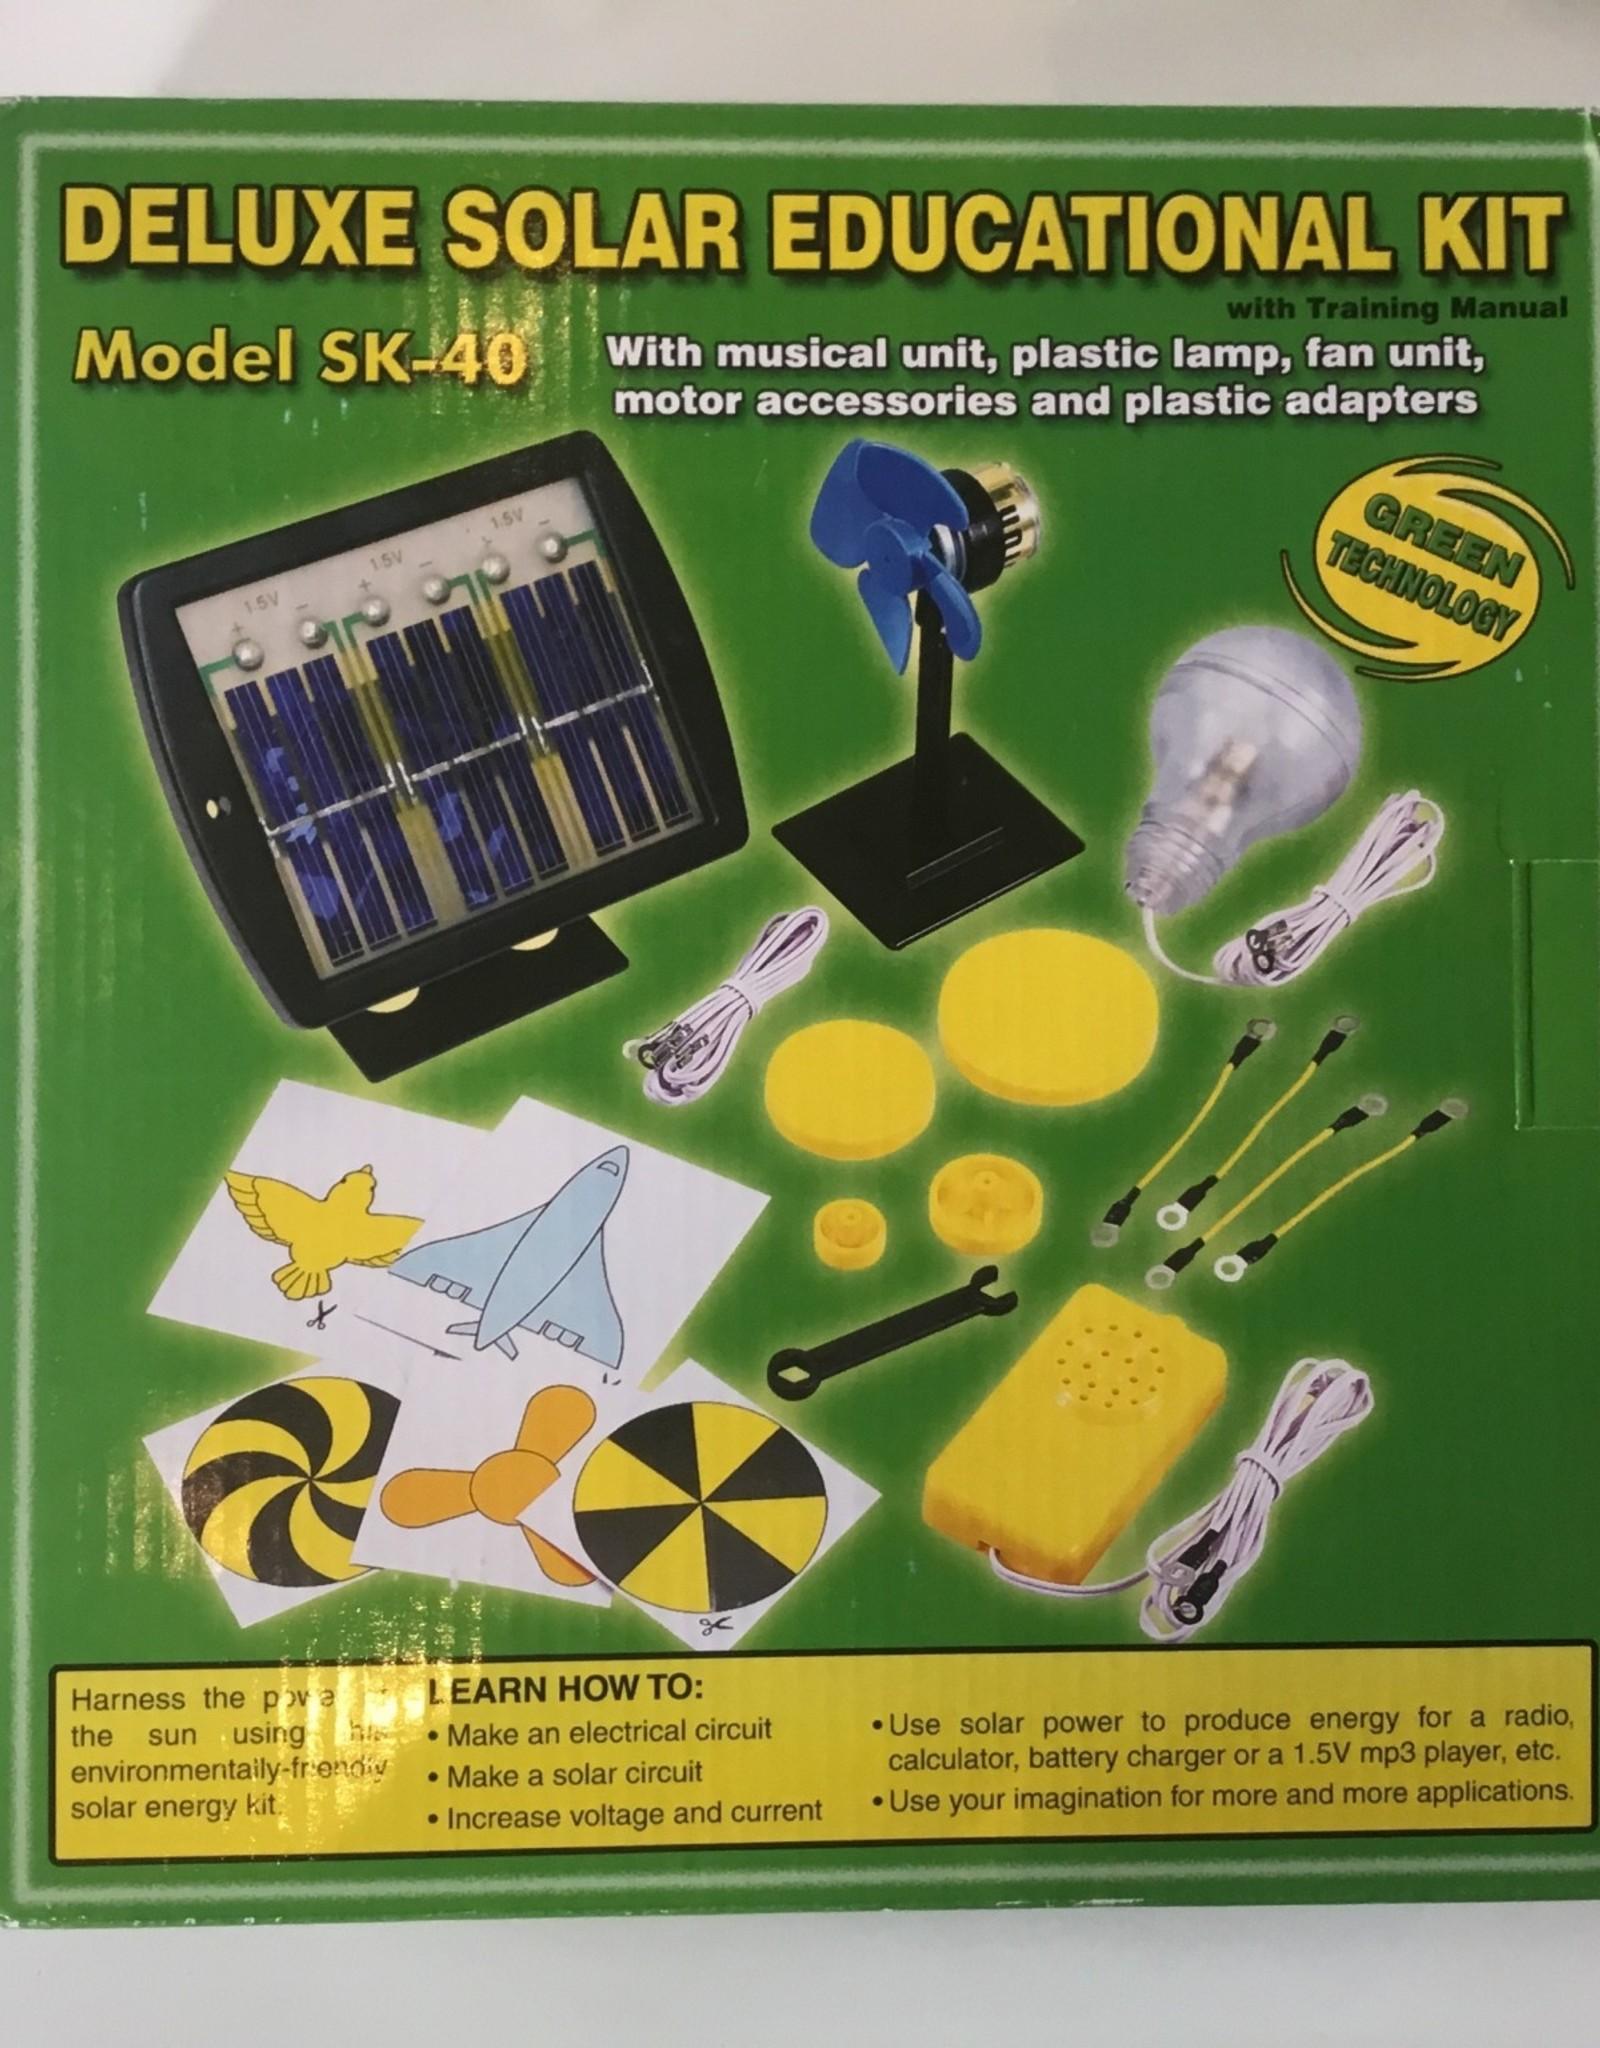 Solar Deluxe Educational Kit